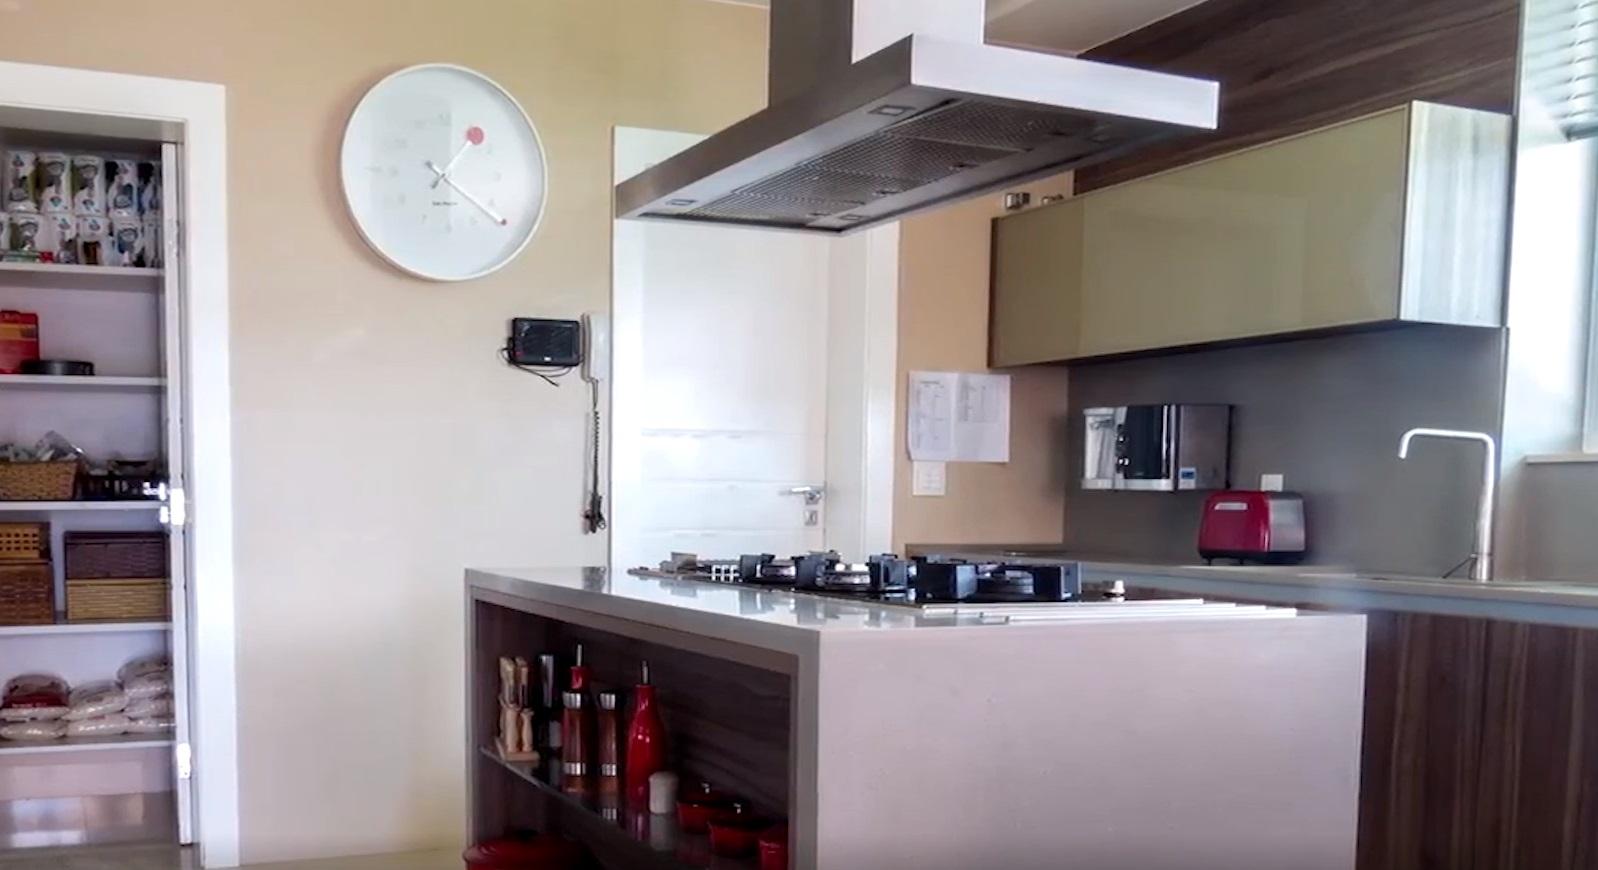 Imagens da cozinha da mansão de Flávio Bolsonaro